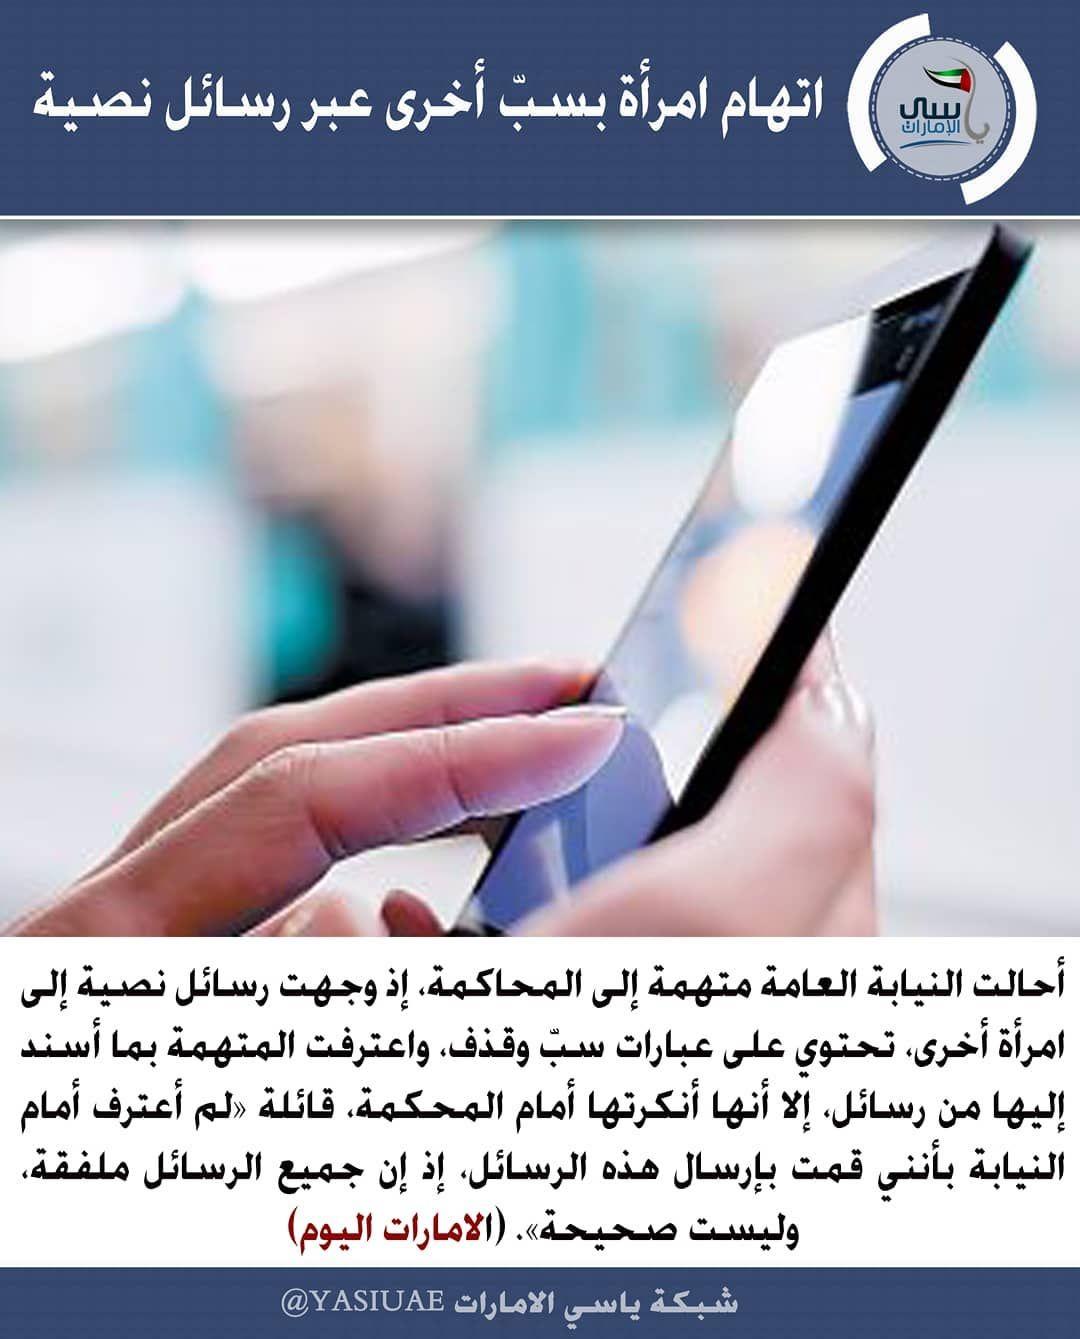 واجهت محكمة الجنح في الفجيرة امرأة عربية بتهمة سب وقذف امرأة أخرى عبر رسائل نصية إلا أنها أنكرت التهمة الموجهة إليها وفي التف Personal Care Person Beauty